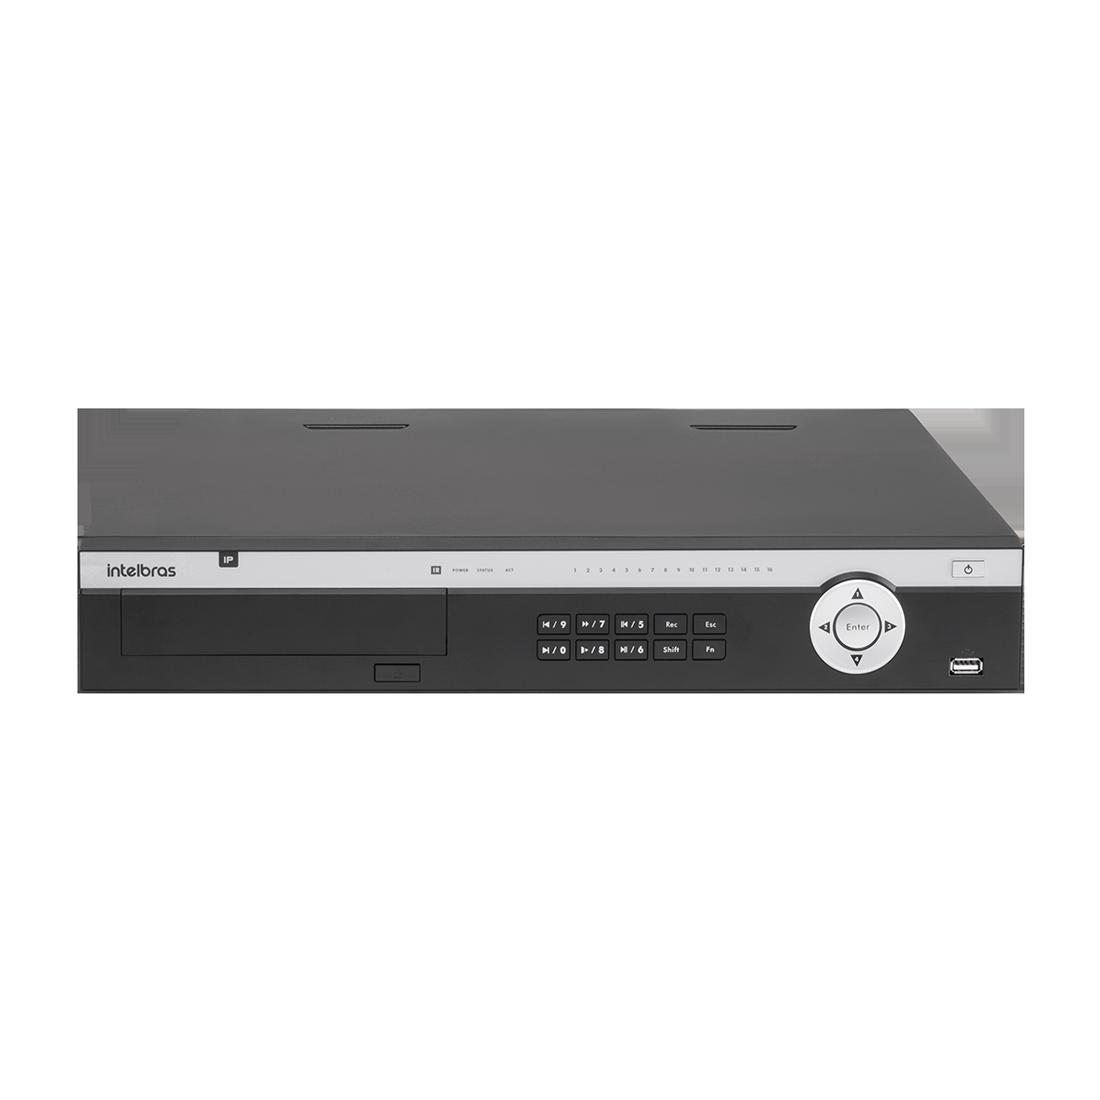 NVD 5124 - GRAV. DIG. DE VÍDEO EM REDE PARA ATÉ 24 CANAIS IP EM FULL HD @ 30 FPS, SUPORTA CÂMERA FISHEYE, INTELIGÊNCIA DE VÍDEO EM TODOS OS CANAIS, H.265, SUPORTE PARA 4HDS E SUPORTA CÂMERAS COM RESOL  - Sandercomp Virtual